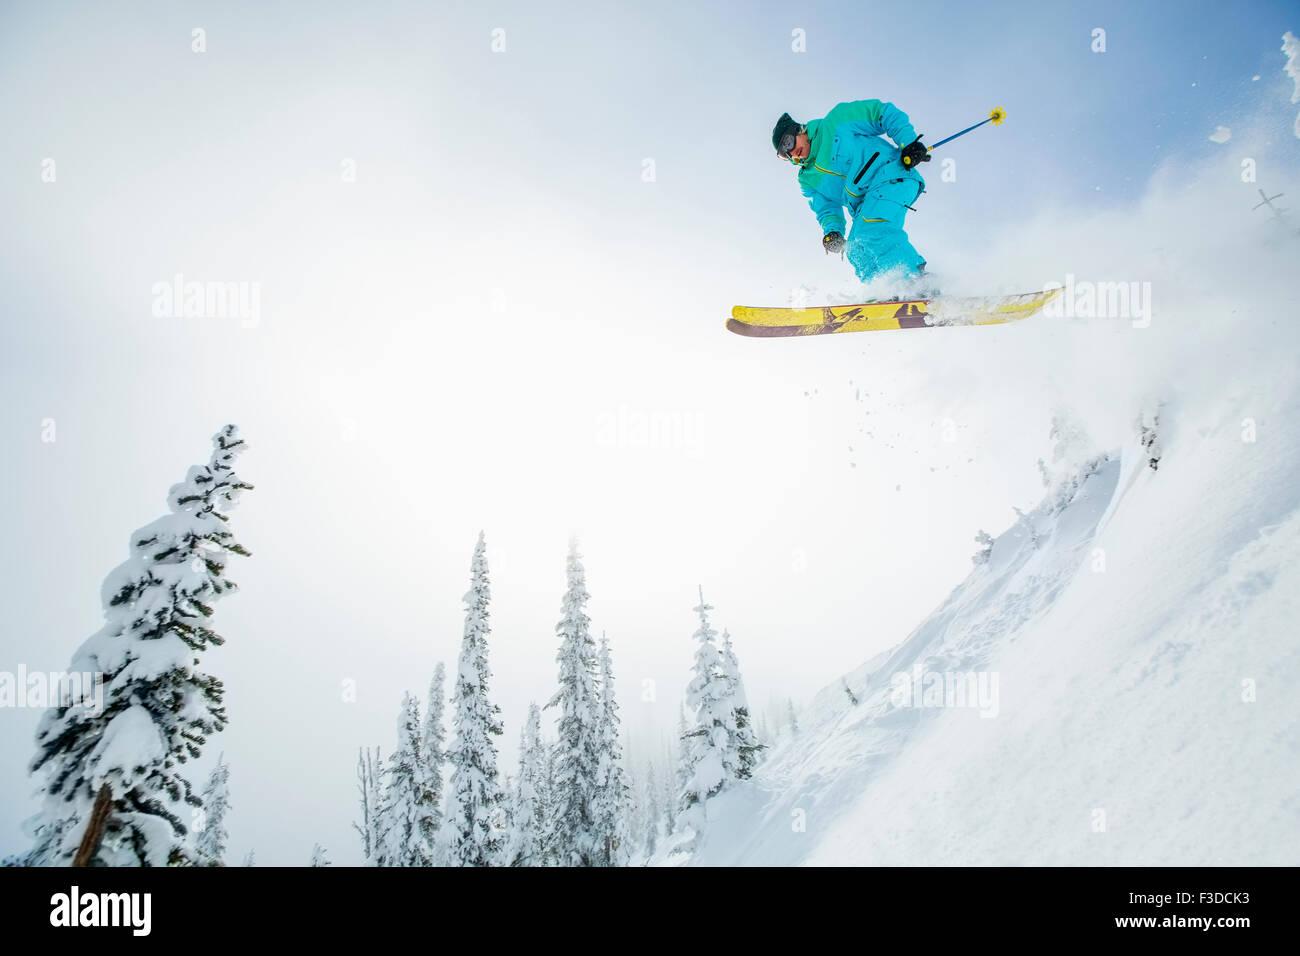 Joven saltando de esquí Foto de stock